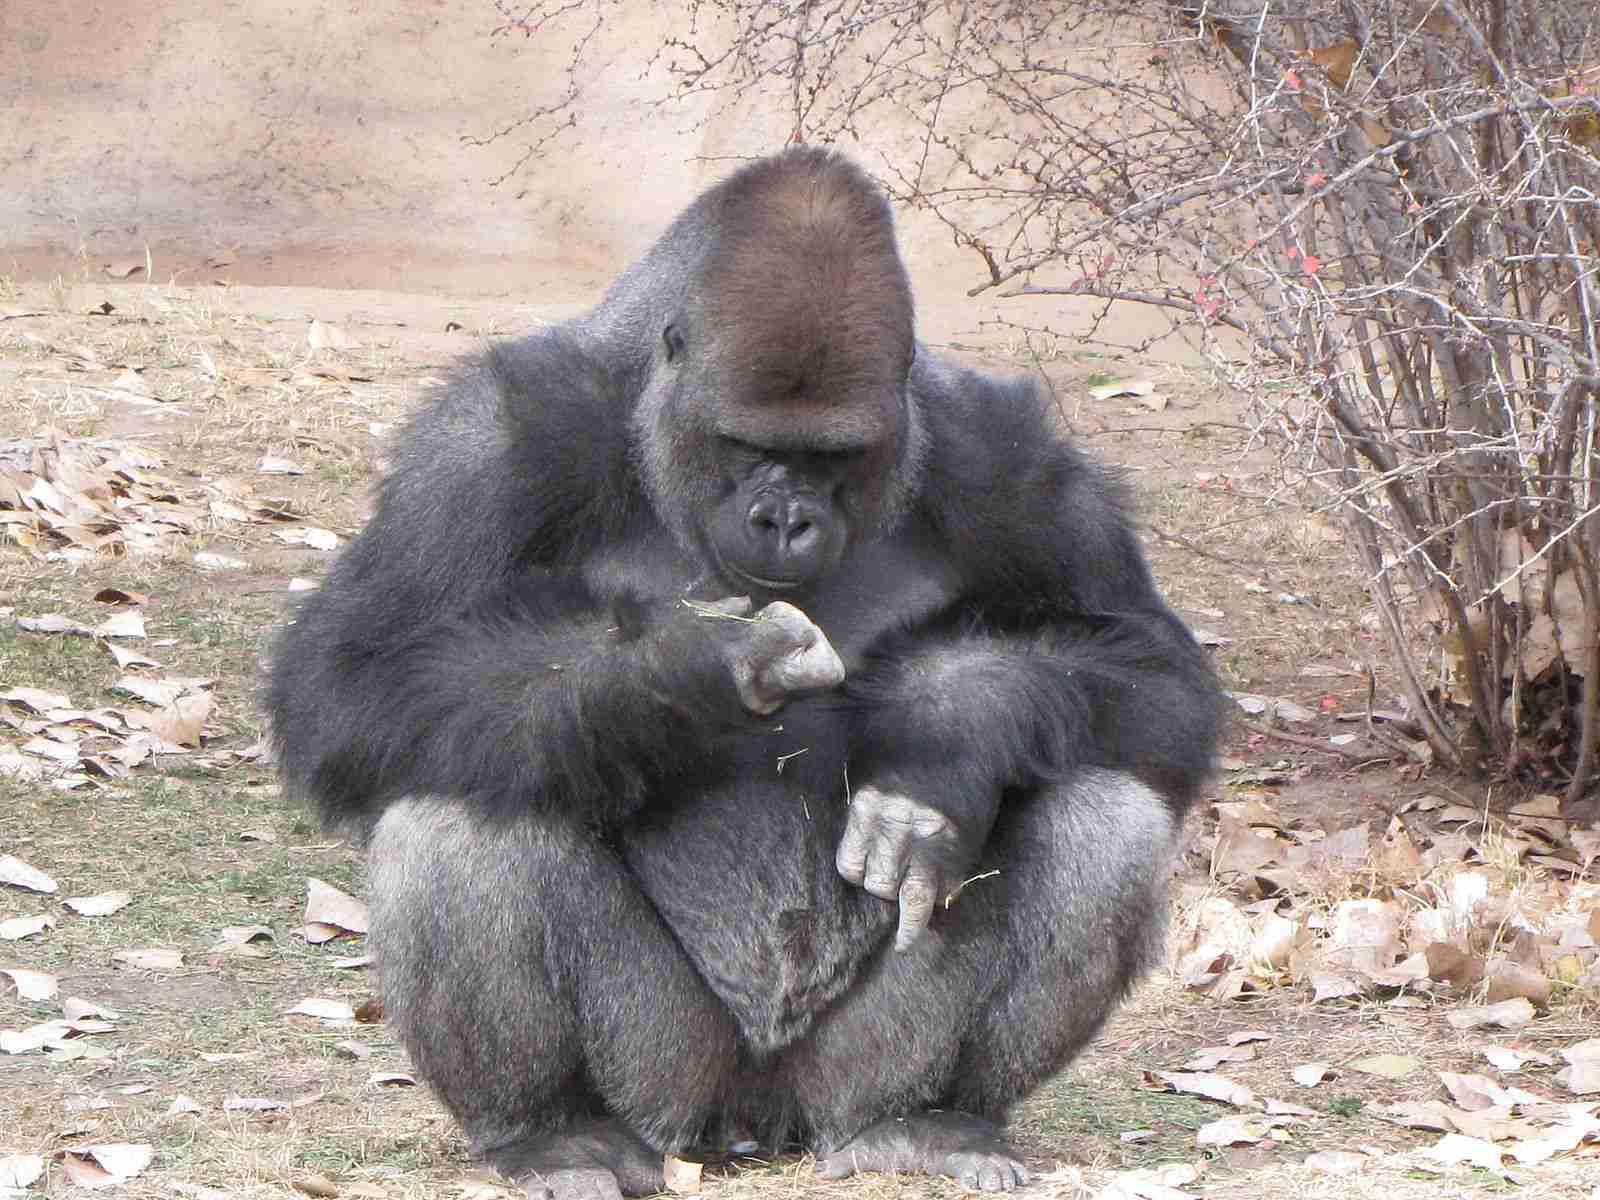 Gorilla at the Albuquerque Zoo